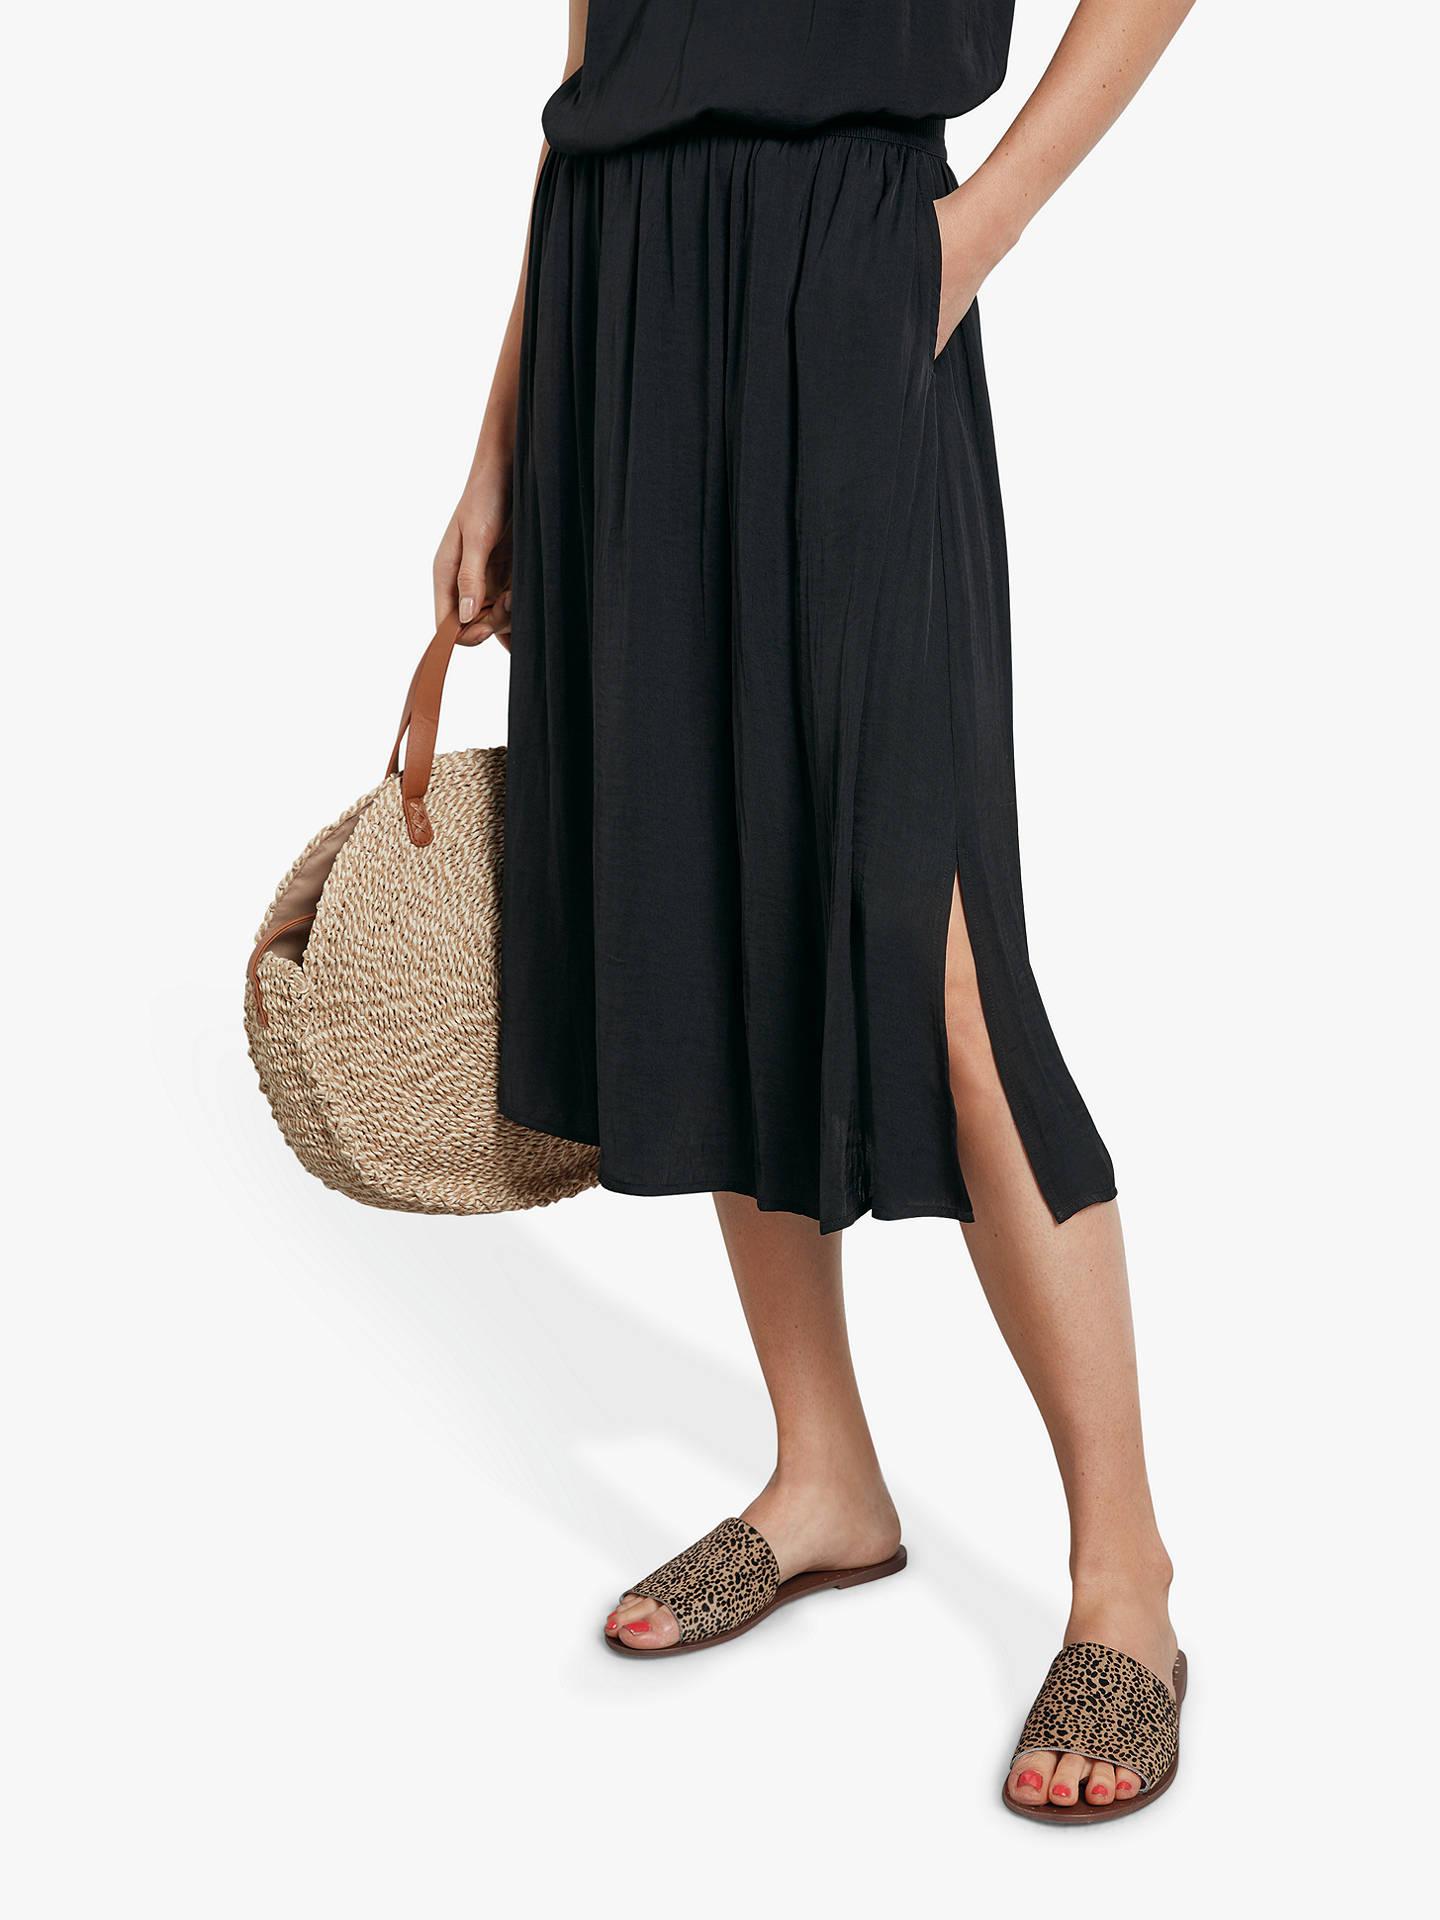 07810ff8e6 Buy hush Santana Midi Skirt, Black, 16 Online at johnlewis.com ...